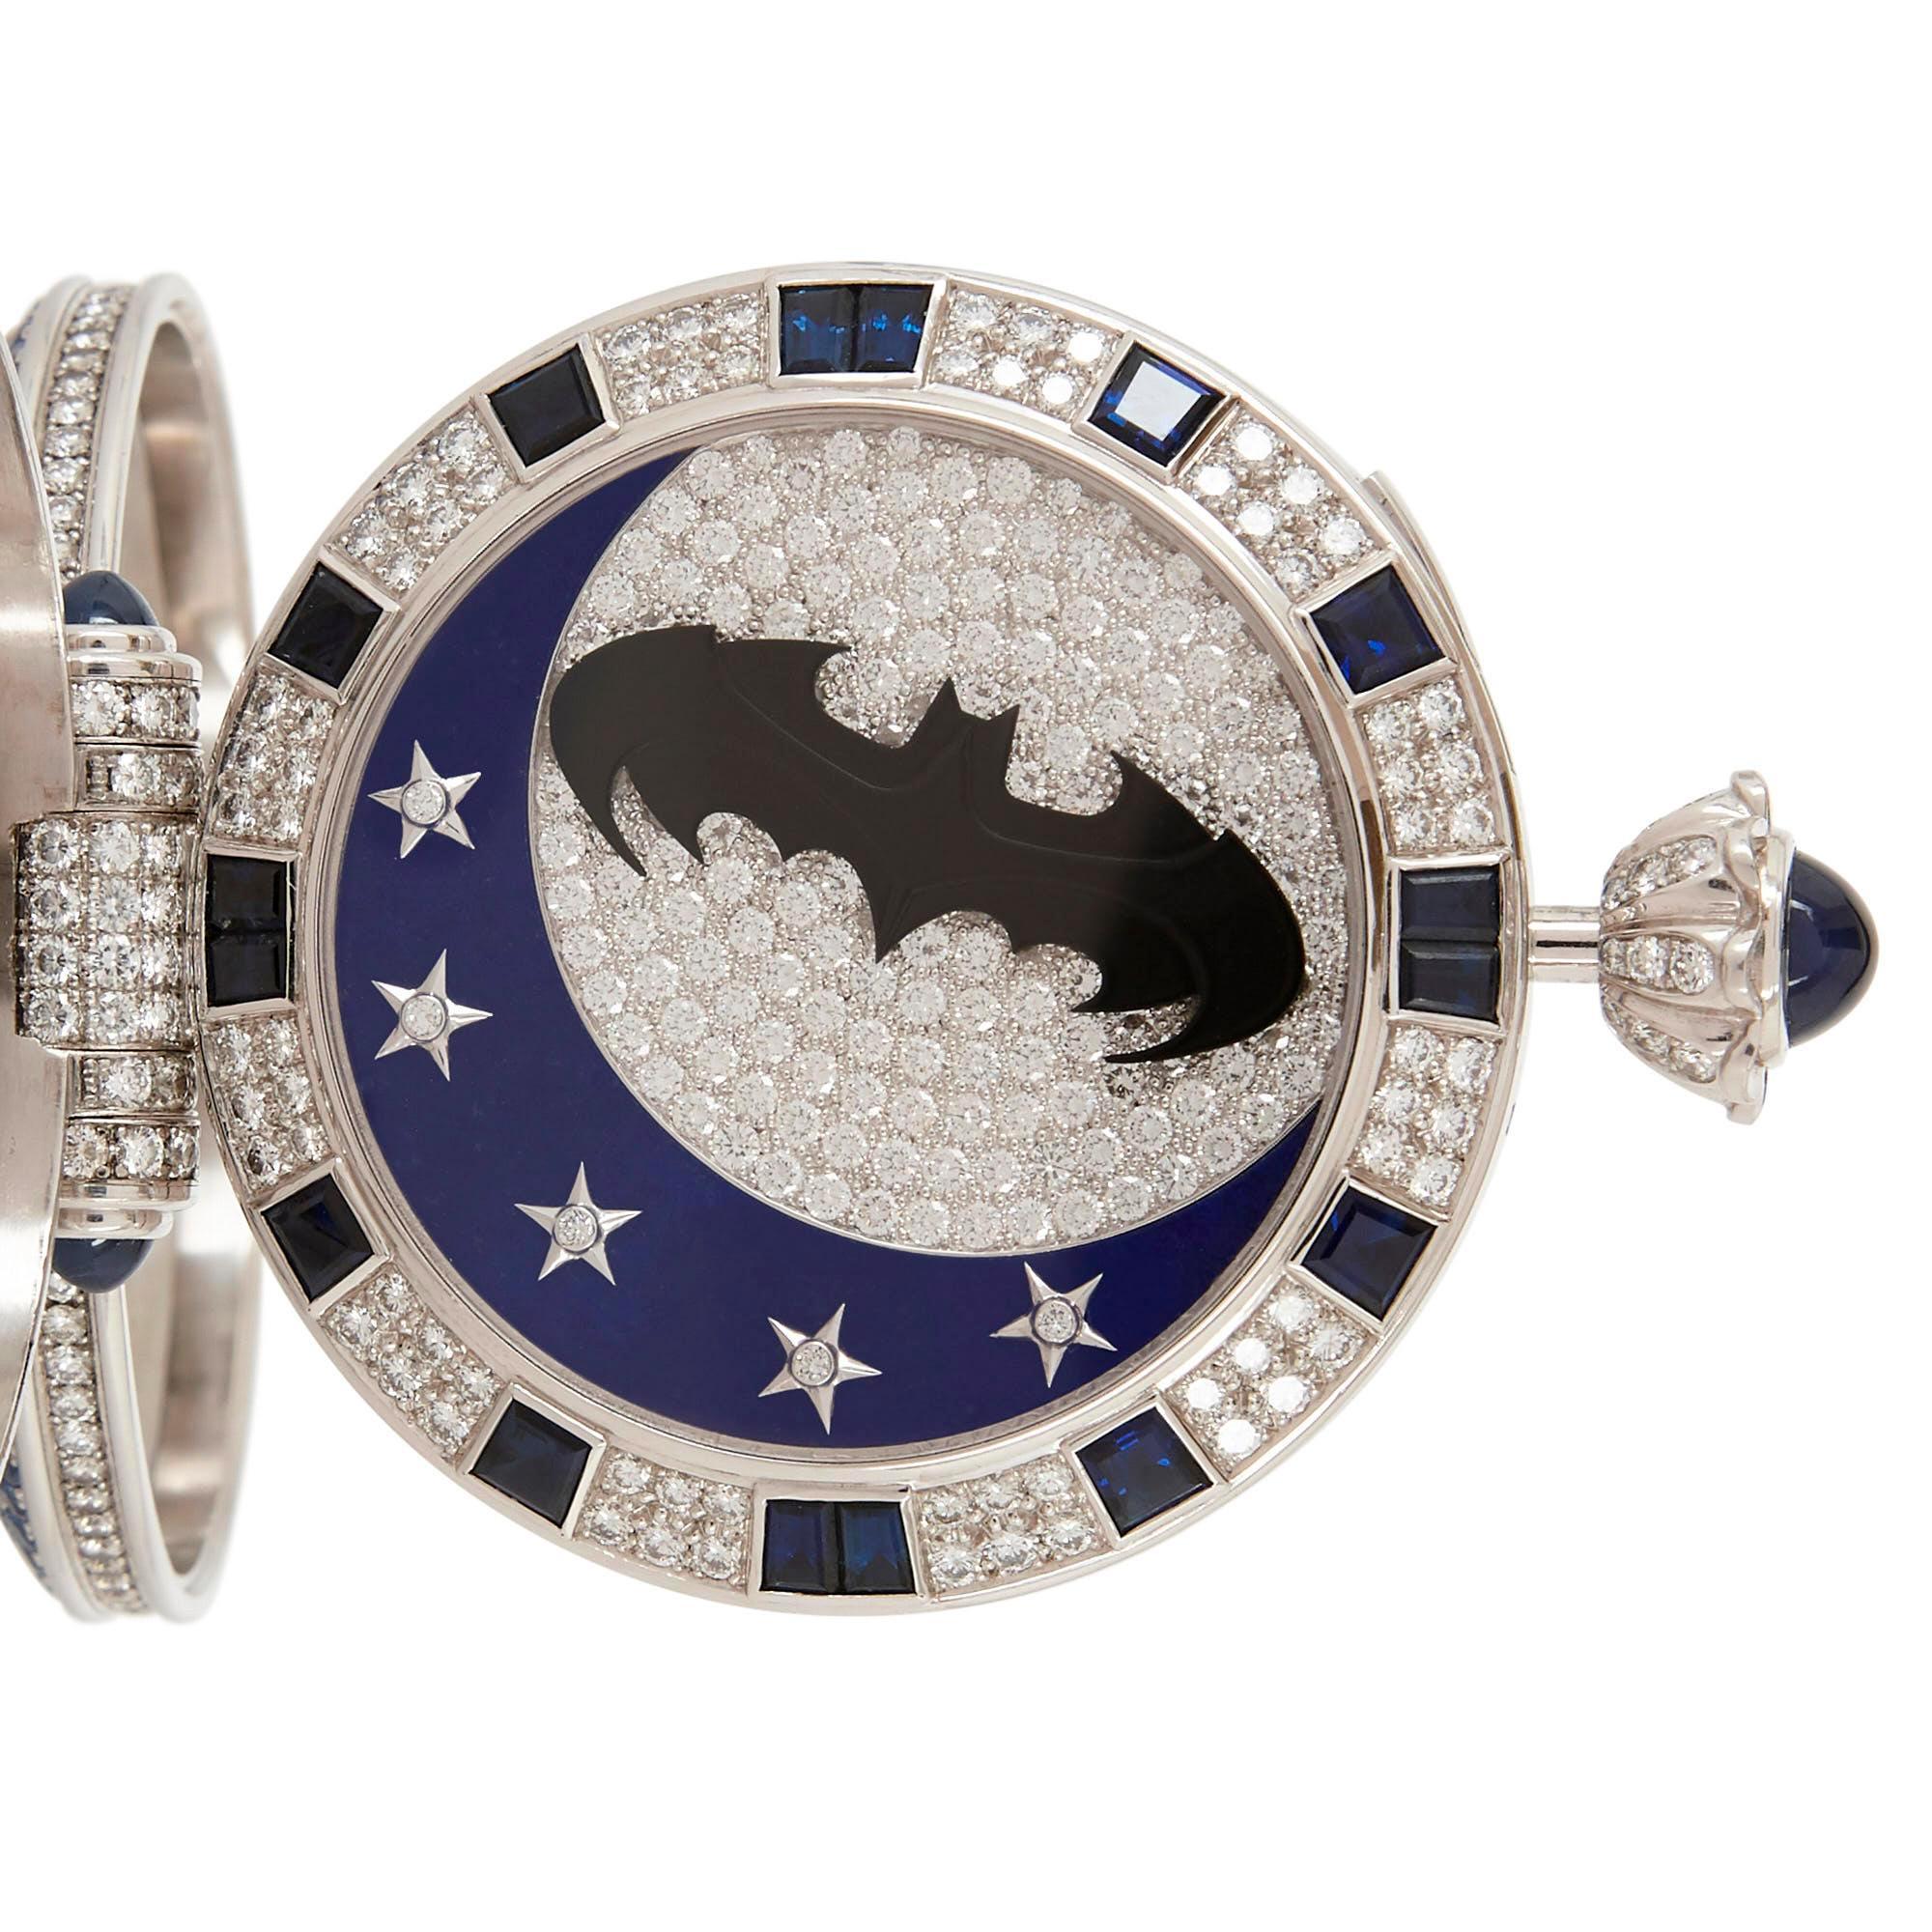 jewel encrusted batman watch